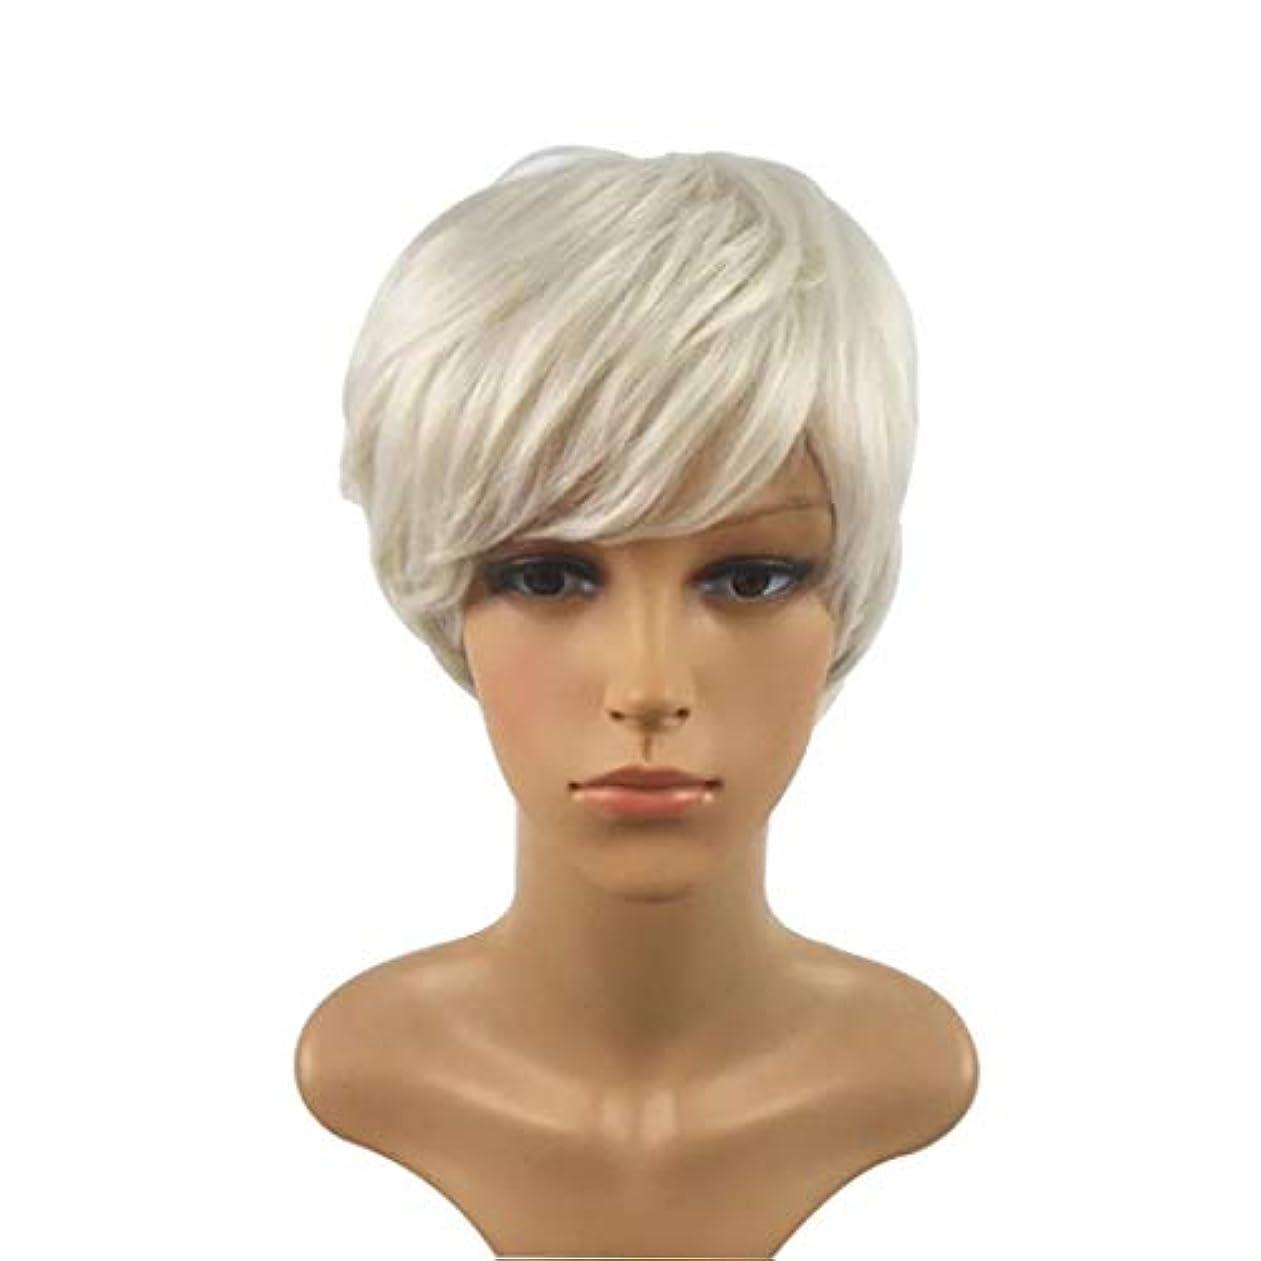 ベアリングエンドウ上げるKerwinner 短い巻き毛のかつら髪かつら女性のための自然な耐熱フルウィッグ